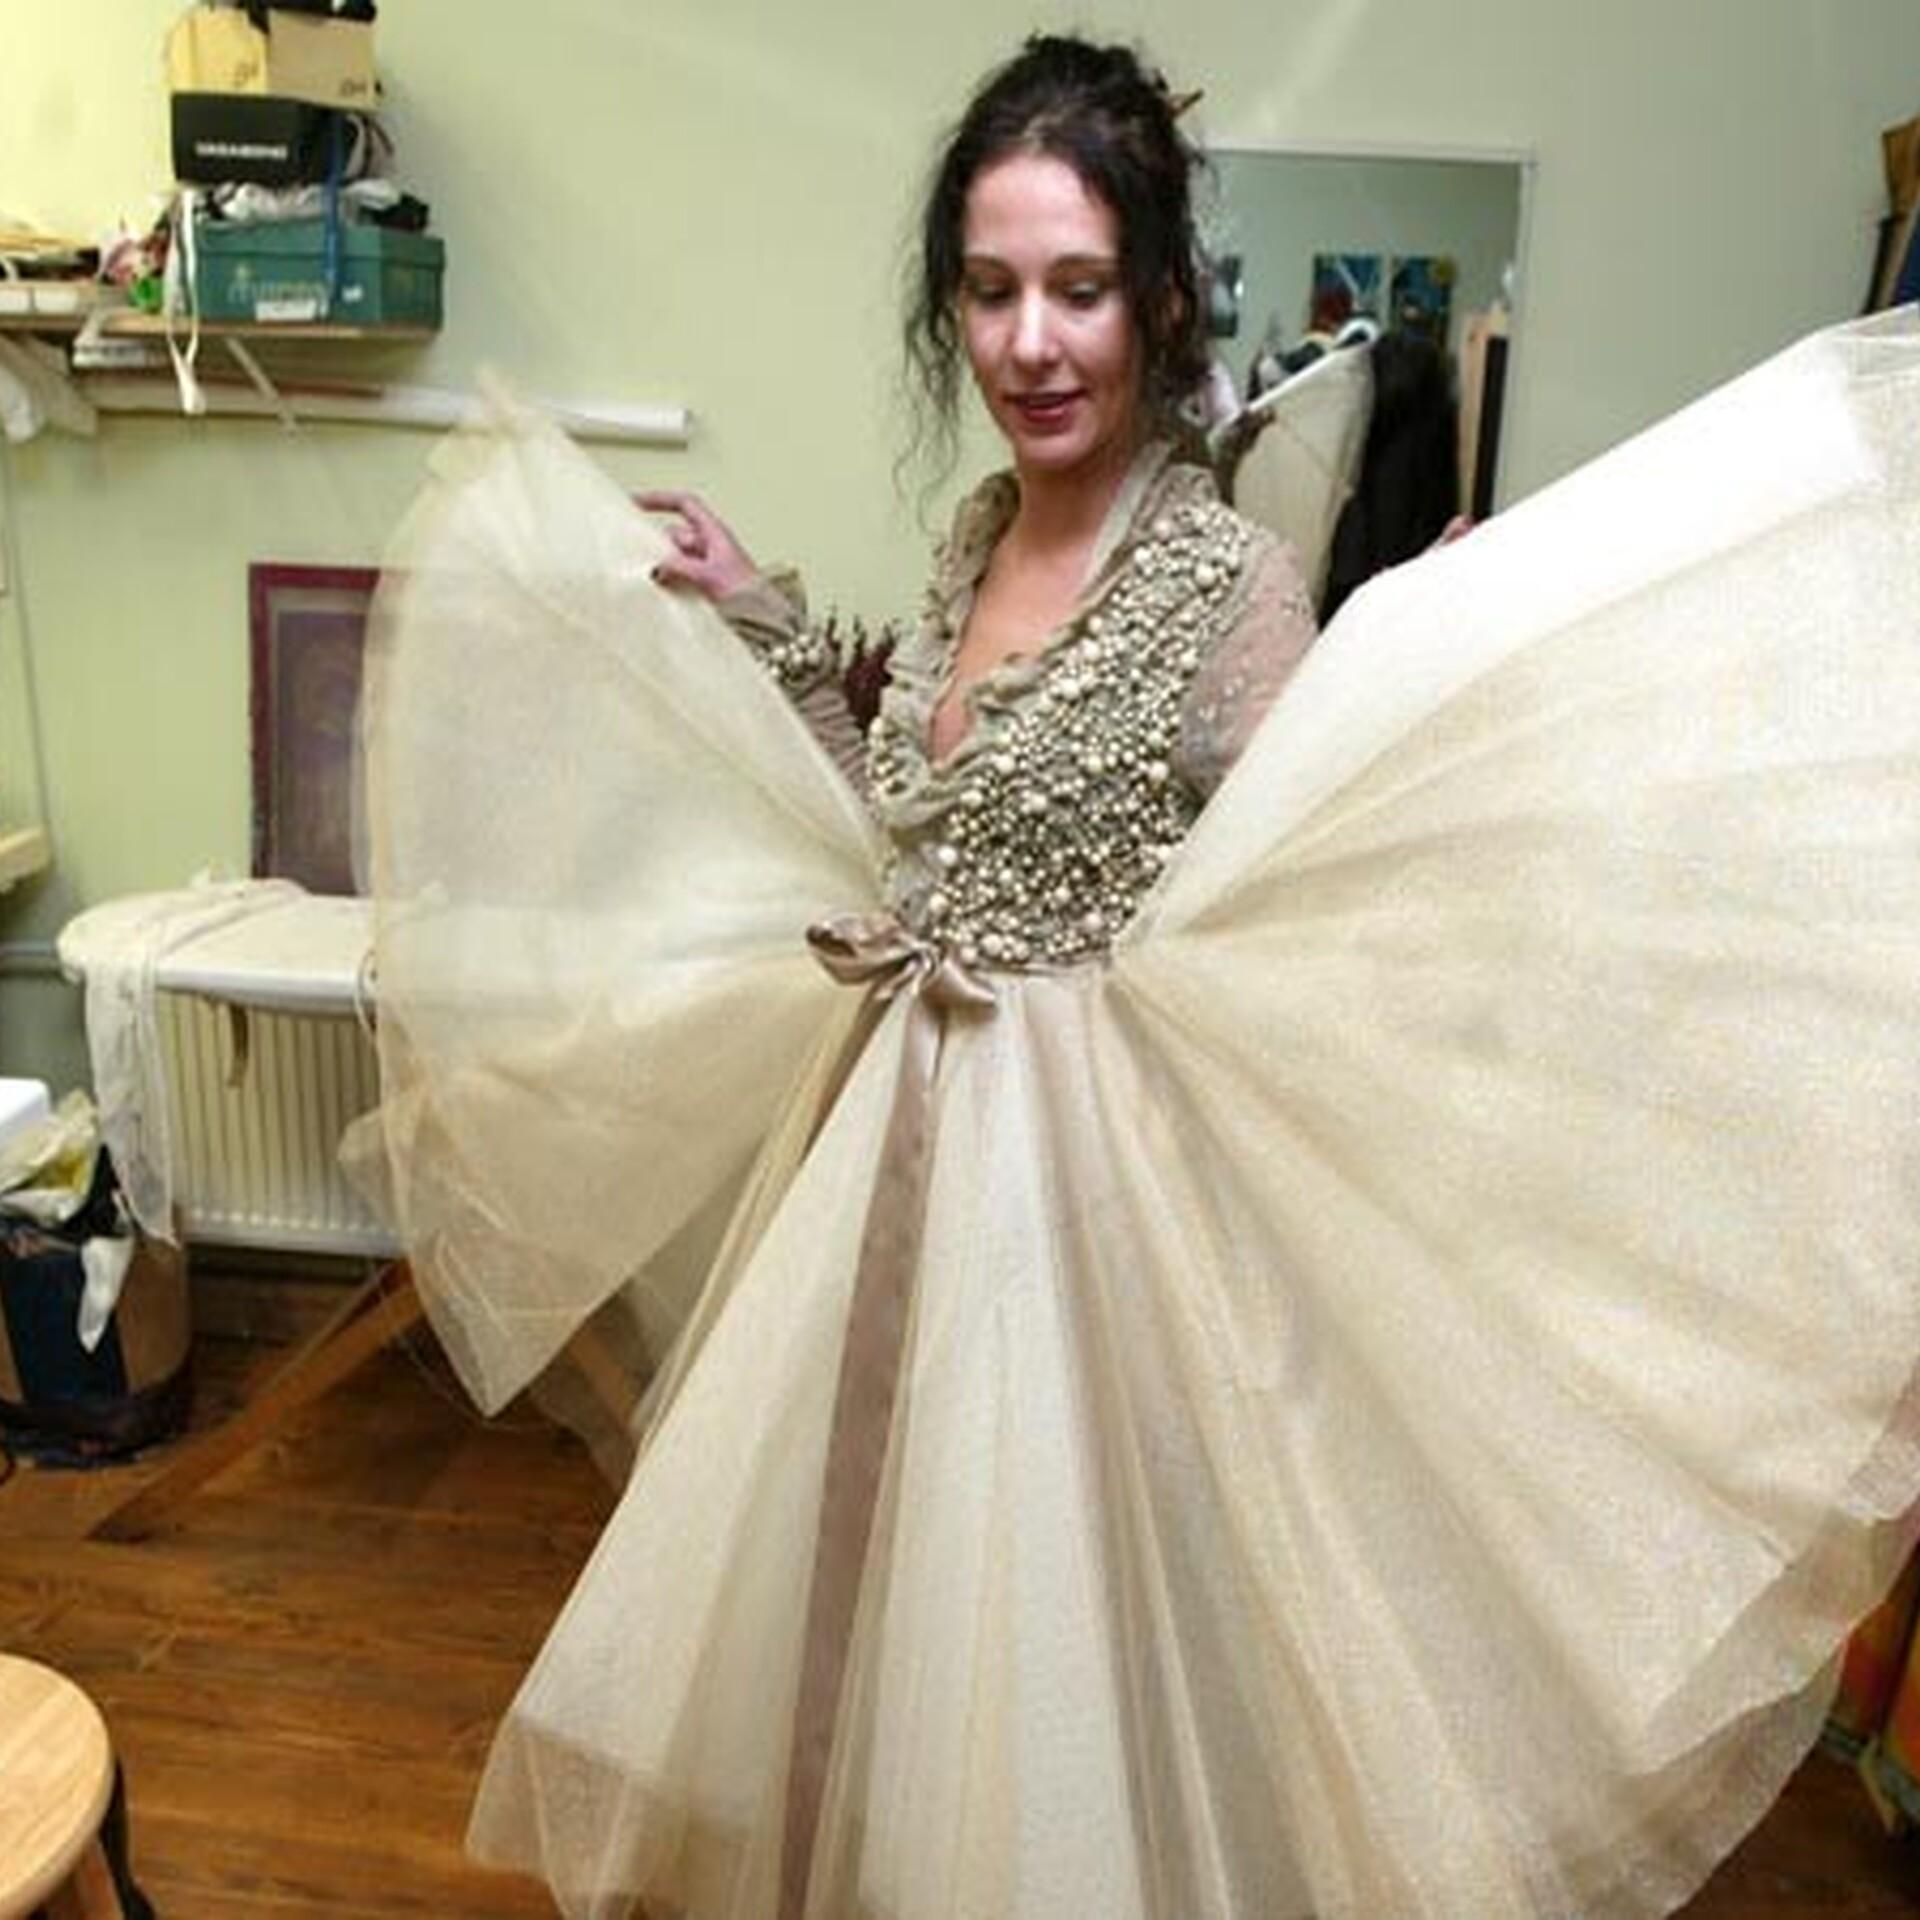 c1d86b7dcdb VIDEO: Kuidas moekunstnik Hanna Korsari käe all valmib pulmakleit | Arhiiv  | ERR